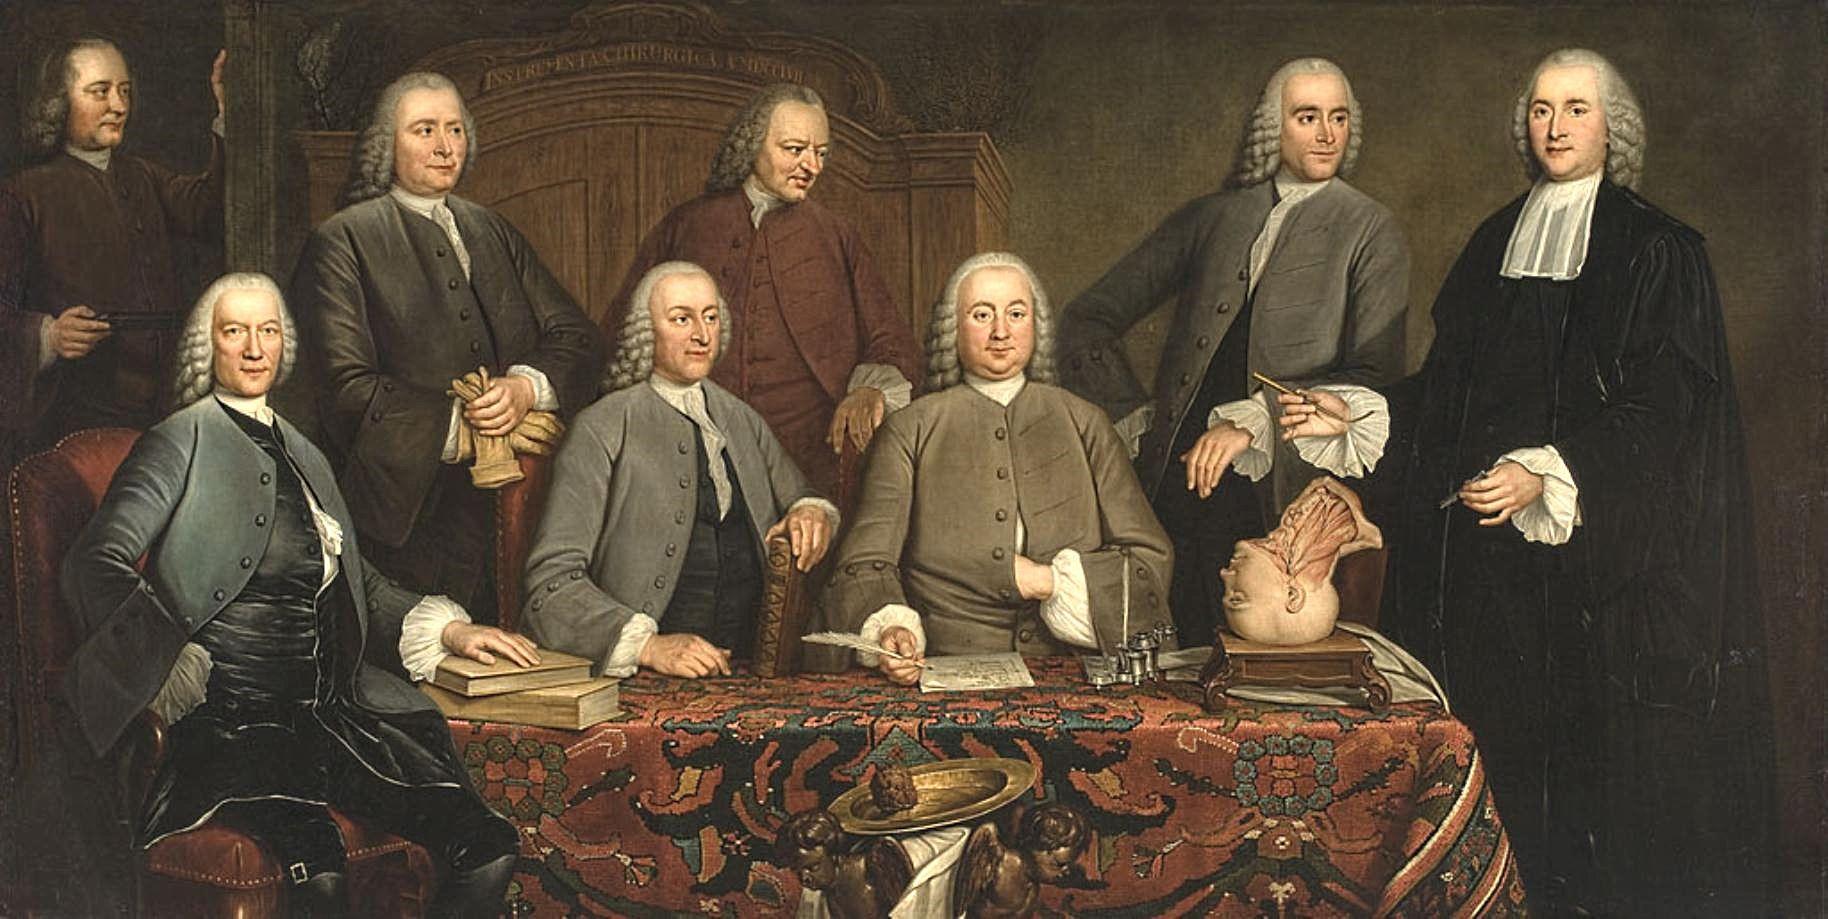 La lección de anatomía del cirujano Petrus Camper en Amsterdam ...